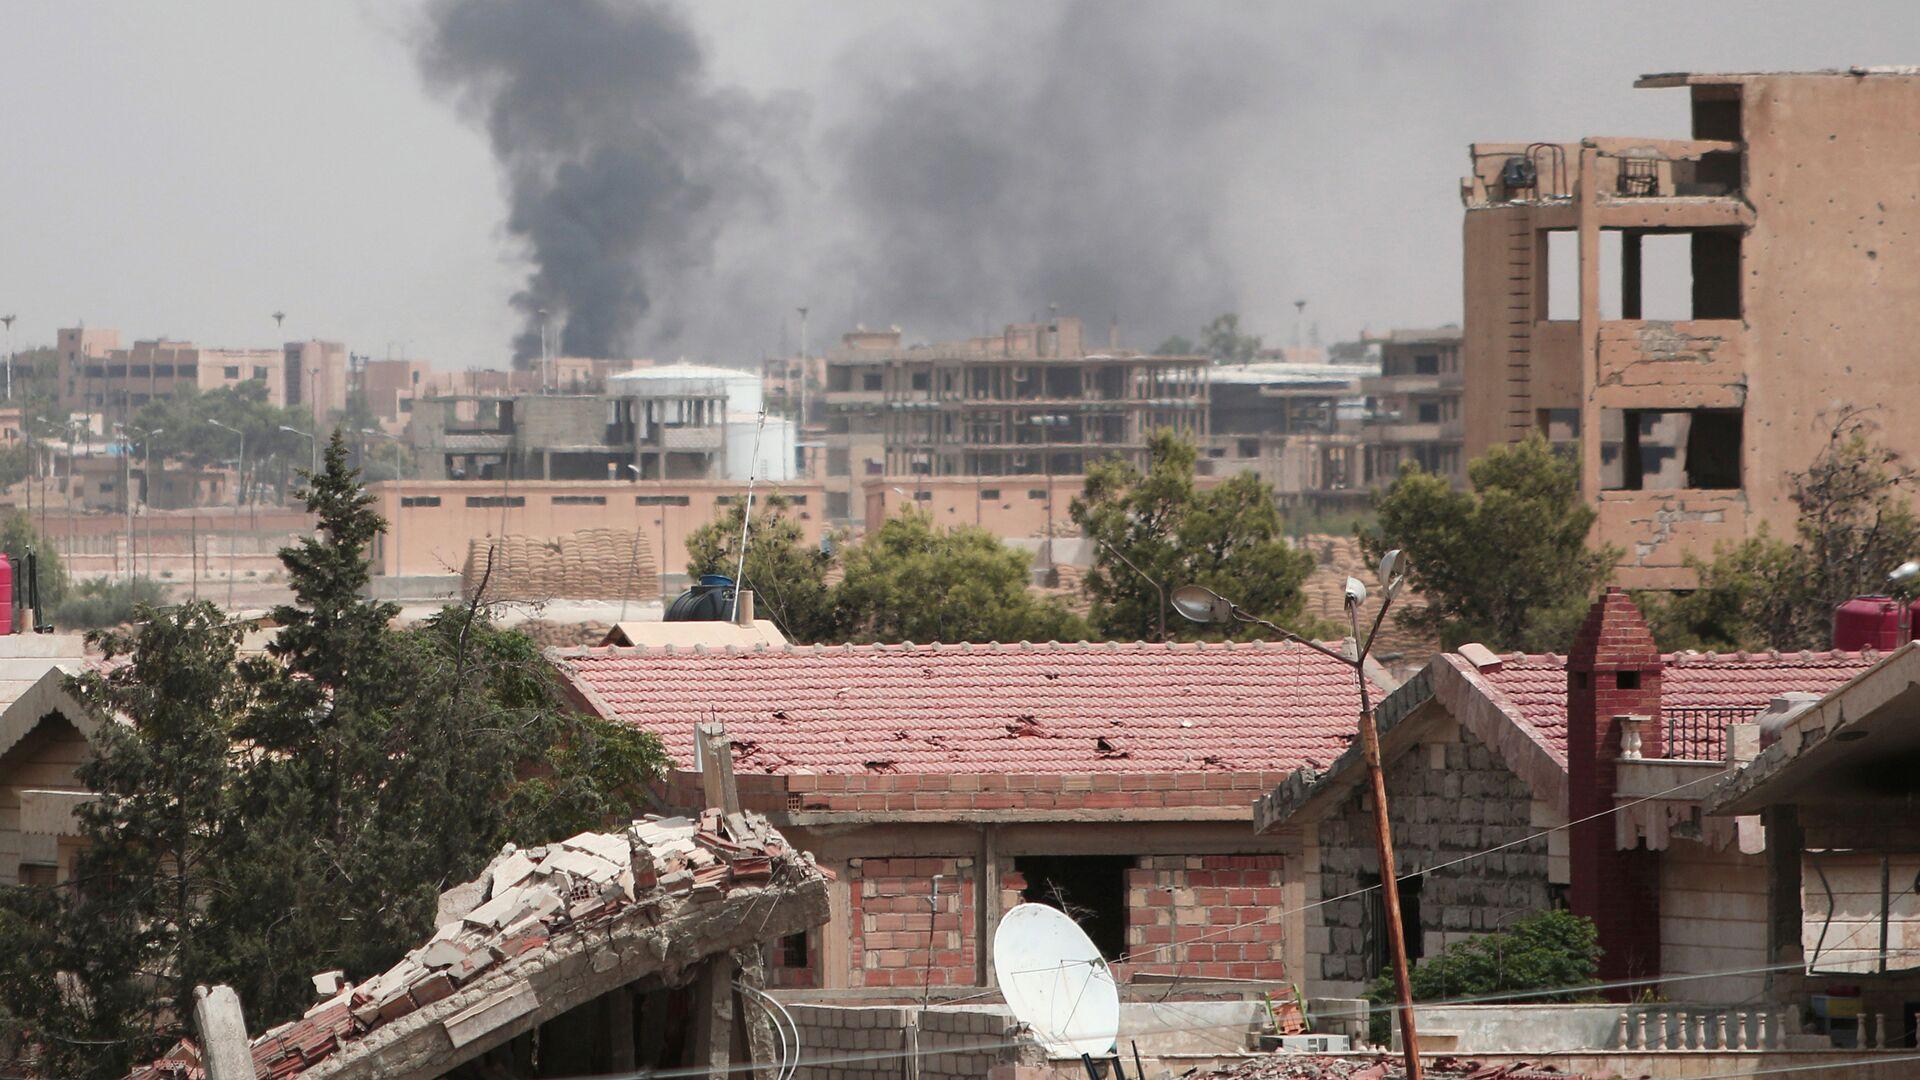 Unas columnas de humo se alzan en la ciudad de Hasaka, en Siria (archivo) - Sputnik Mundo, 1920, 06.04.2021